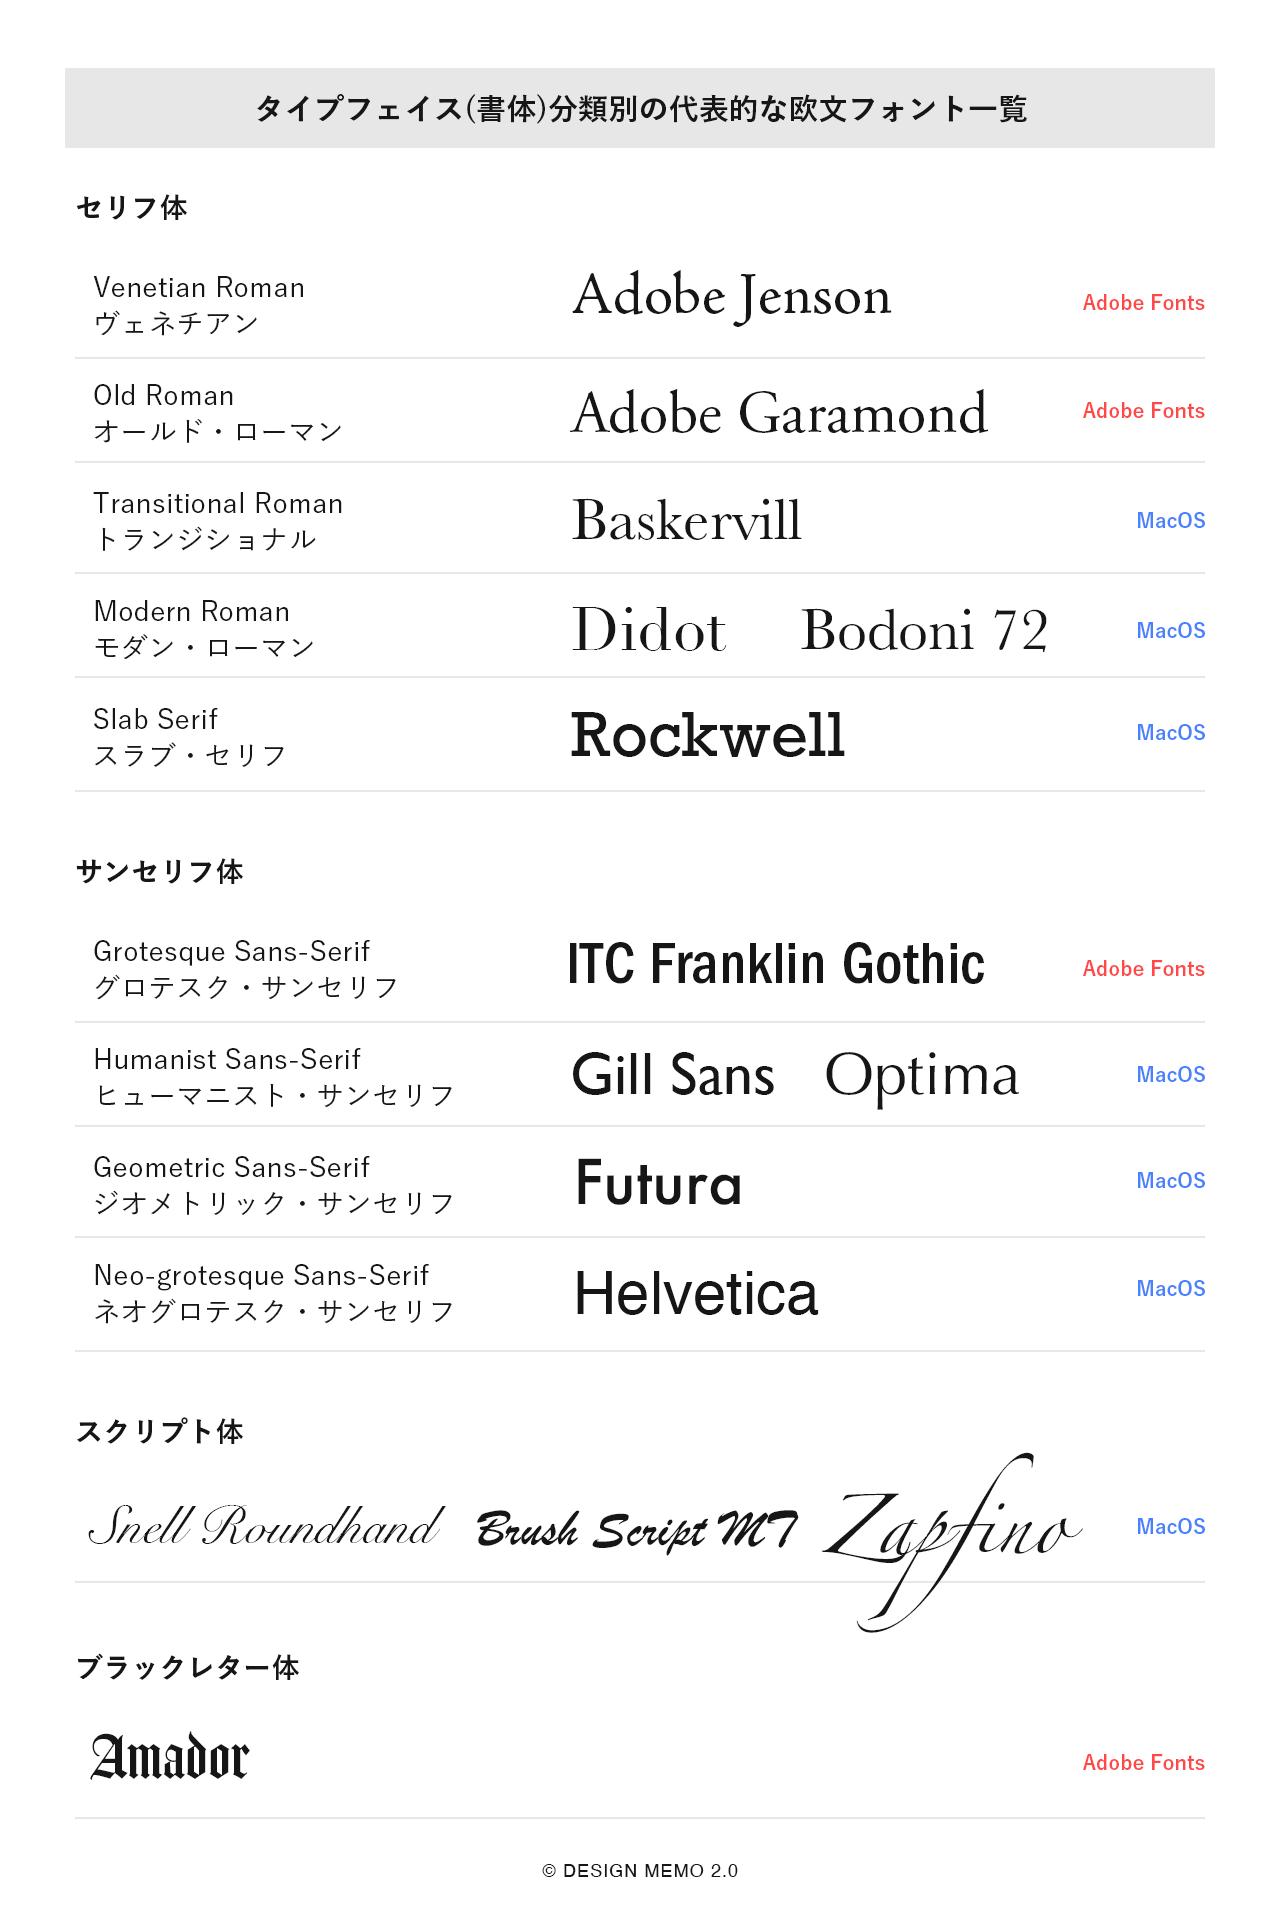 タイプフェイス(書体)分類別の代表的な欧文フォント一覧